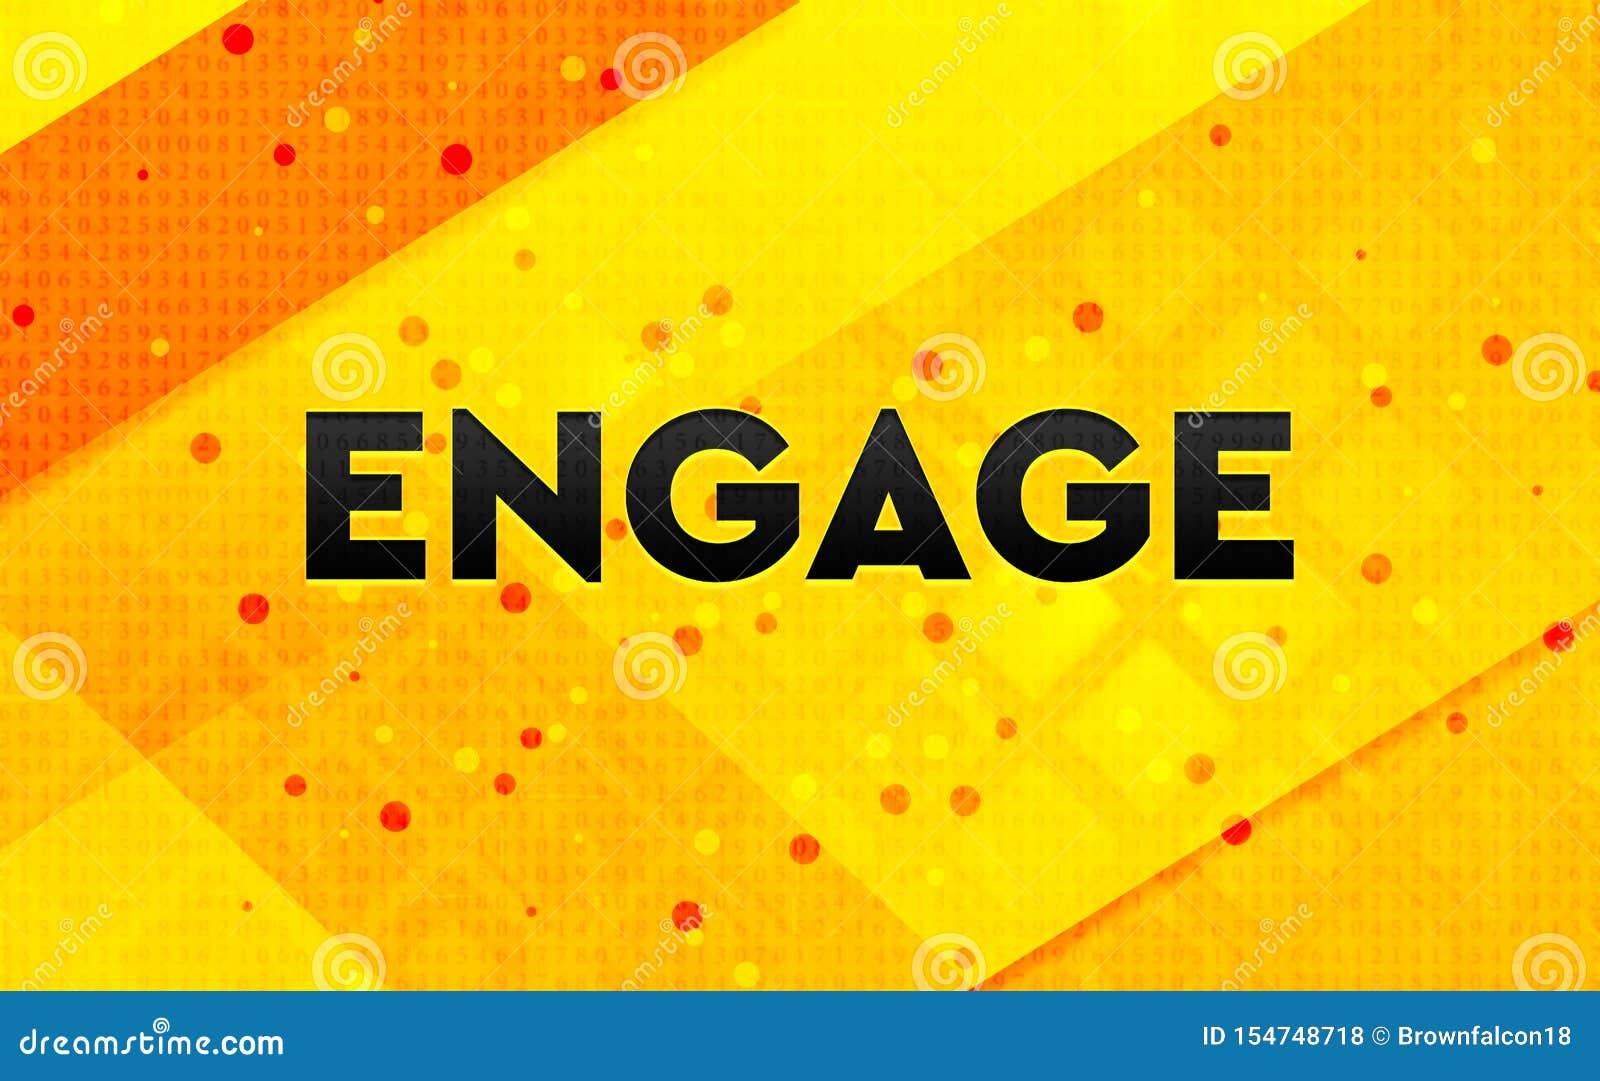 Engagez le fond jaune de bannière numérique abstraite